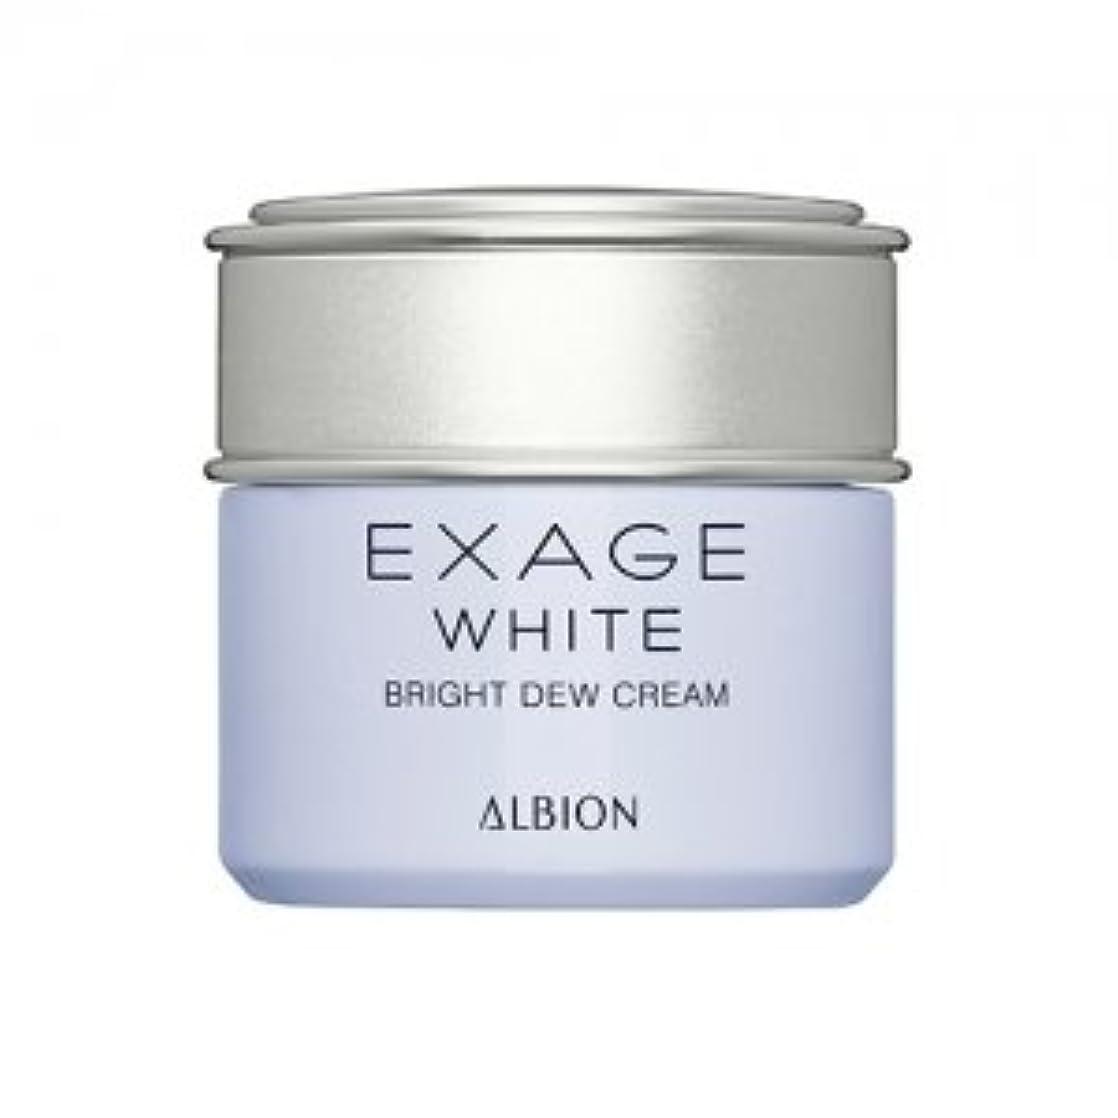 水没スリップシューズくそーアルビオン エクサージュホワイト ホワイトセルラー クリーム 30g 薬用美白クリーム